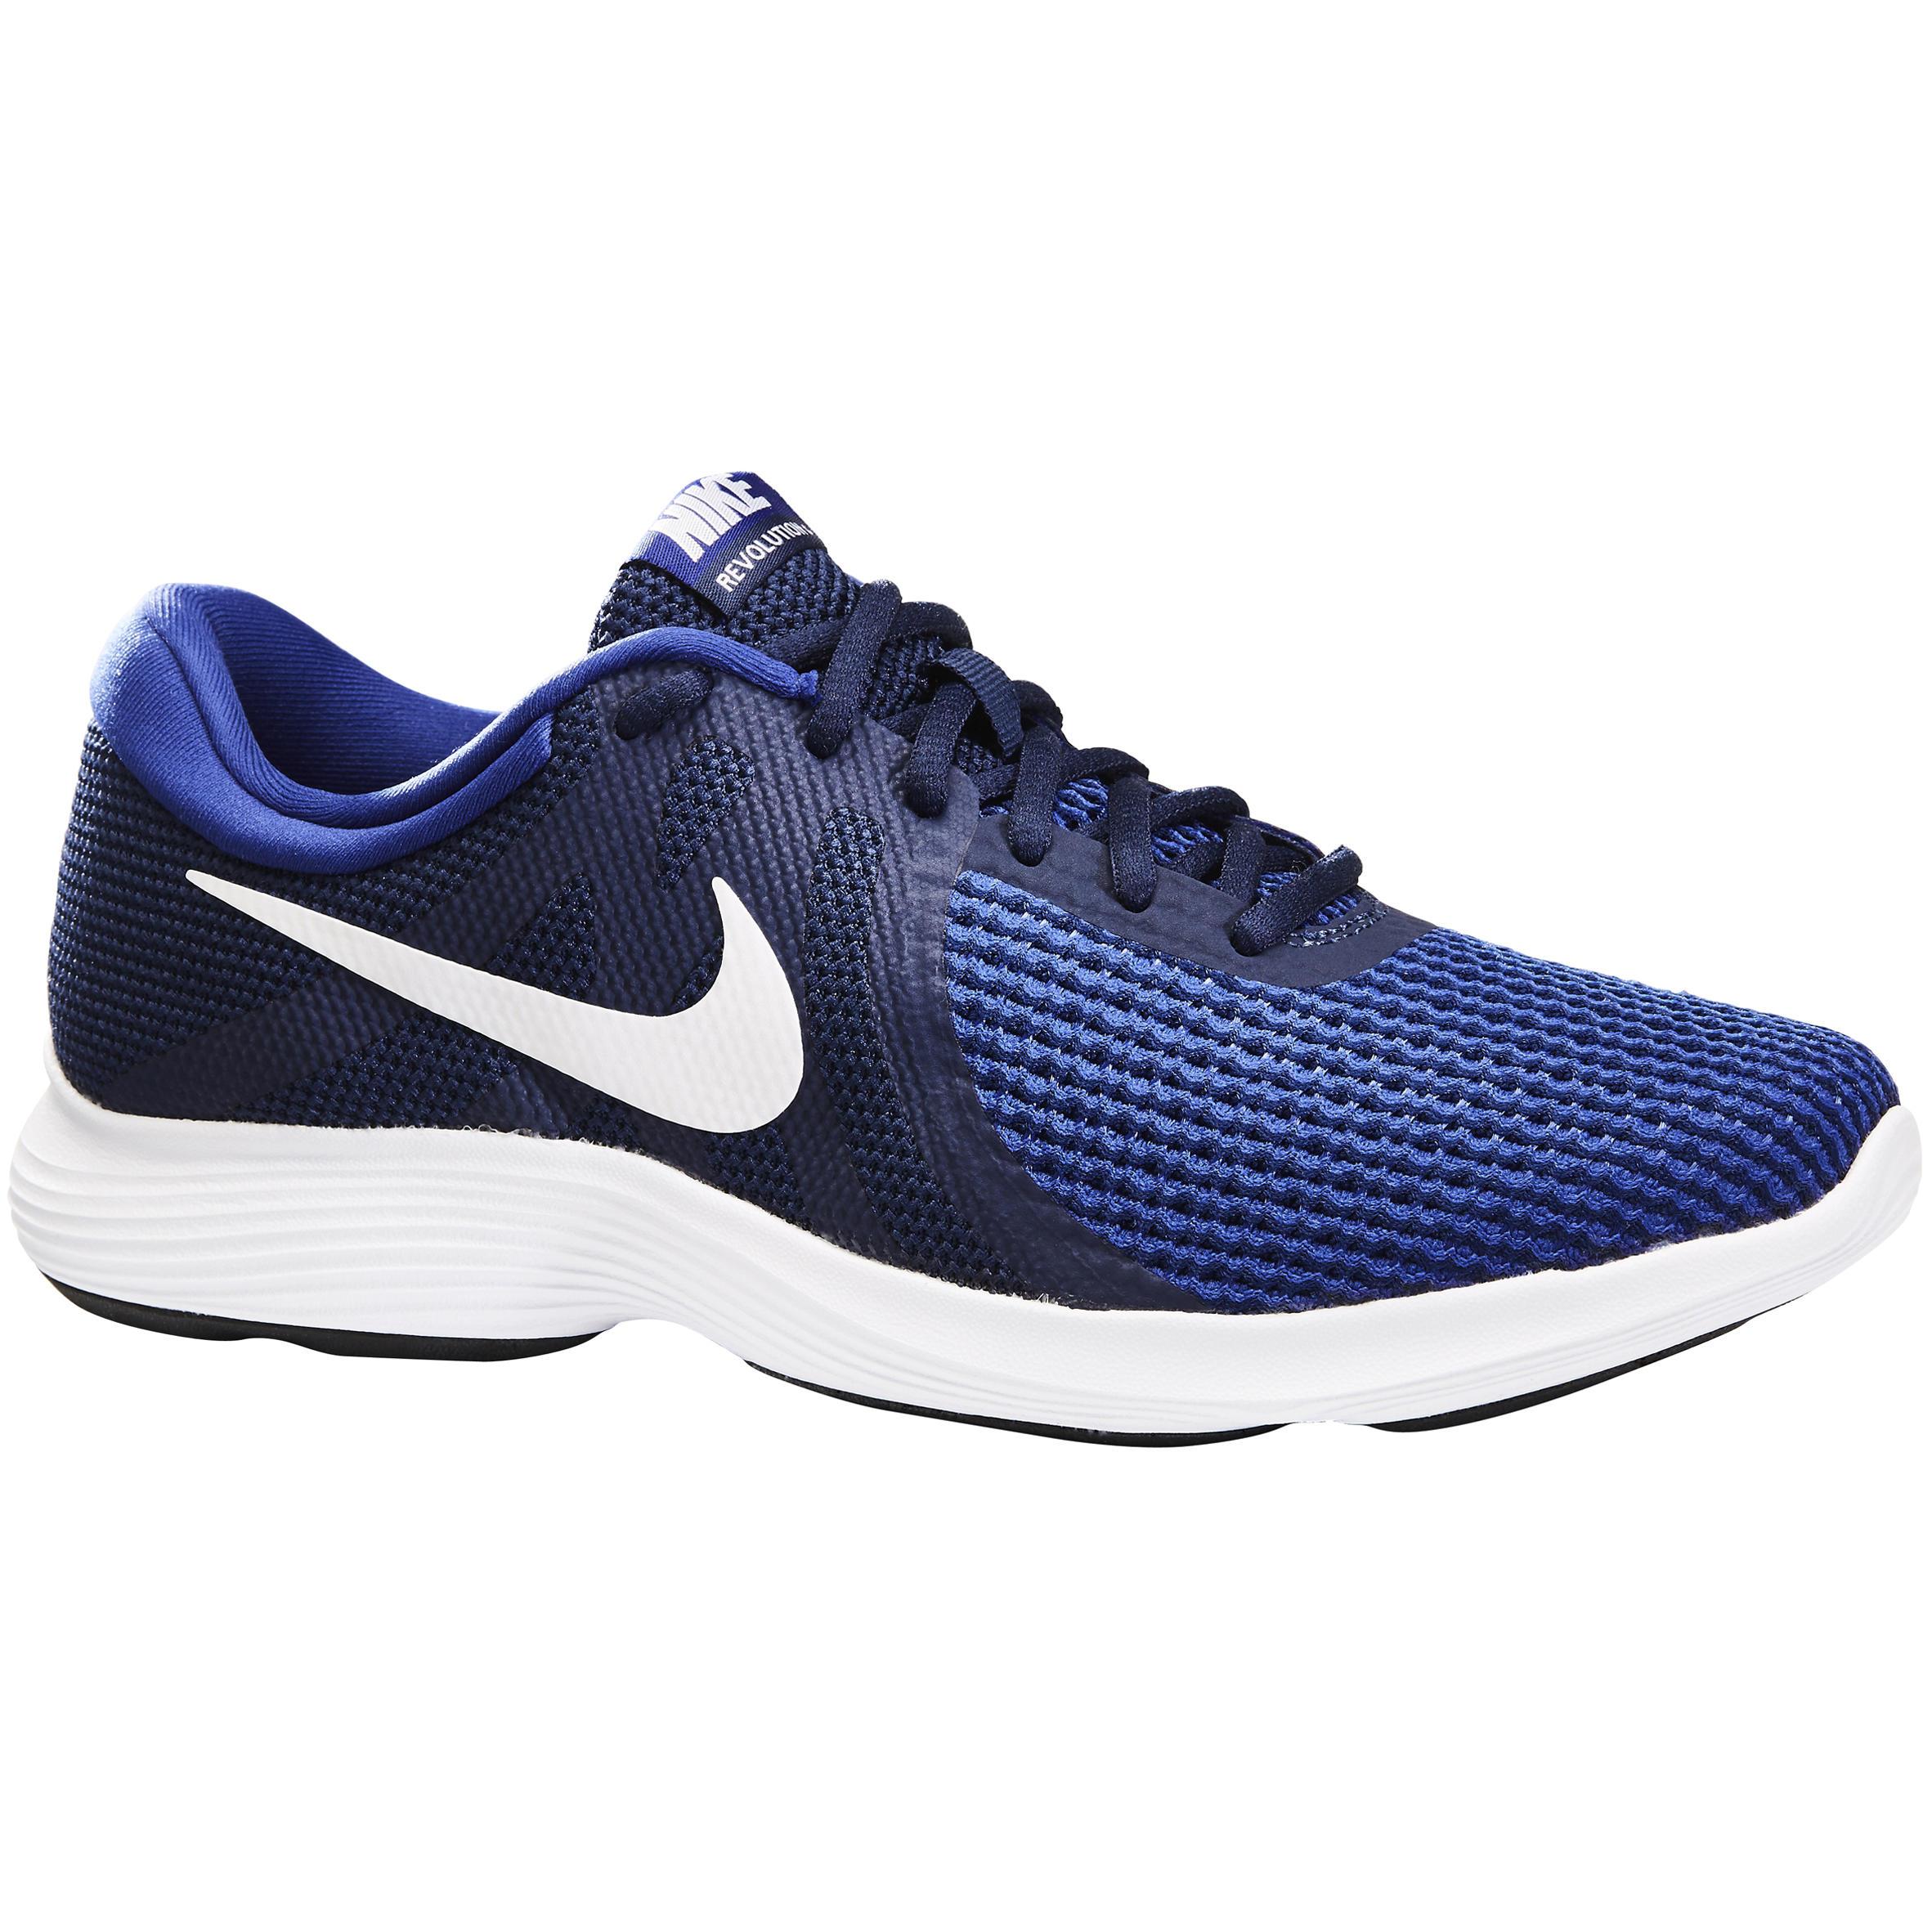 Walkingschuhe Revolution 4 Herren blau | Schuhe > Sportschuhe > Walkingschuhe | Blau - Weiß | Nike